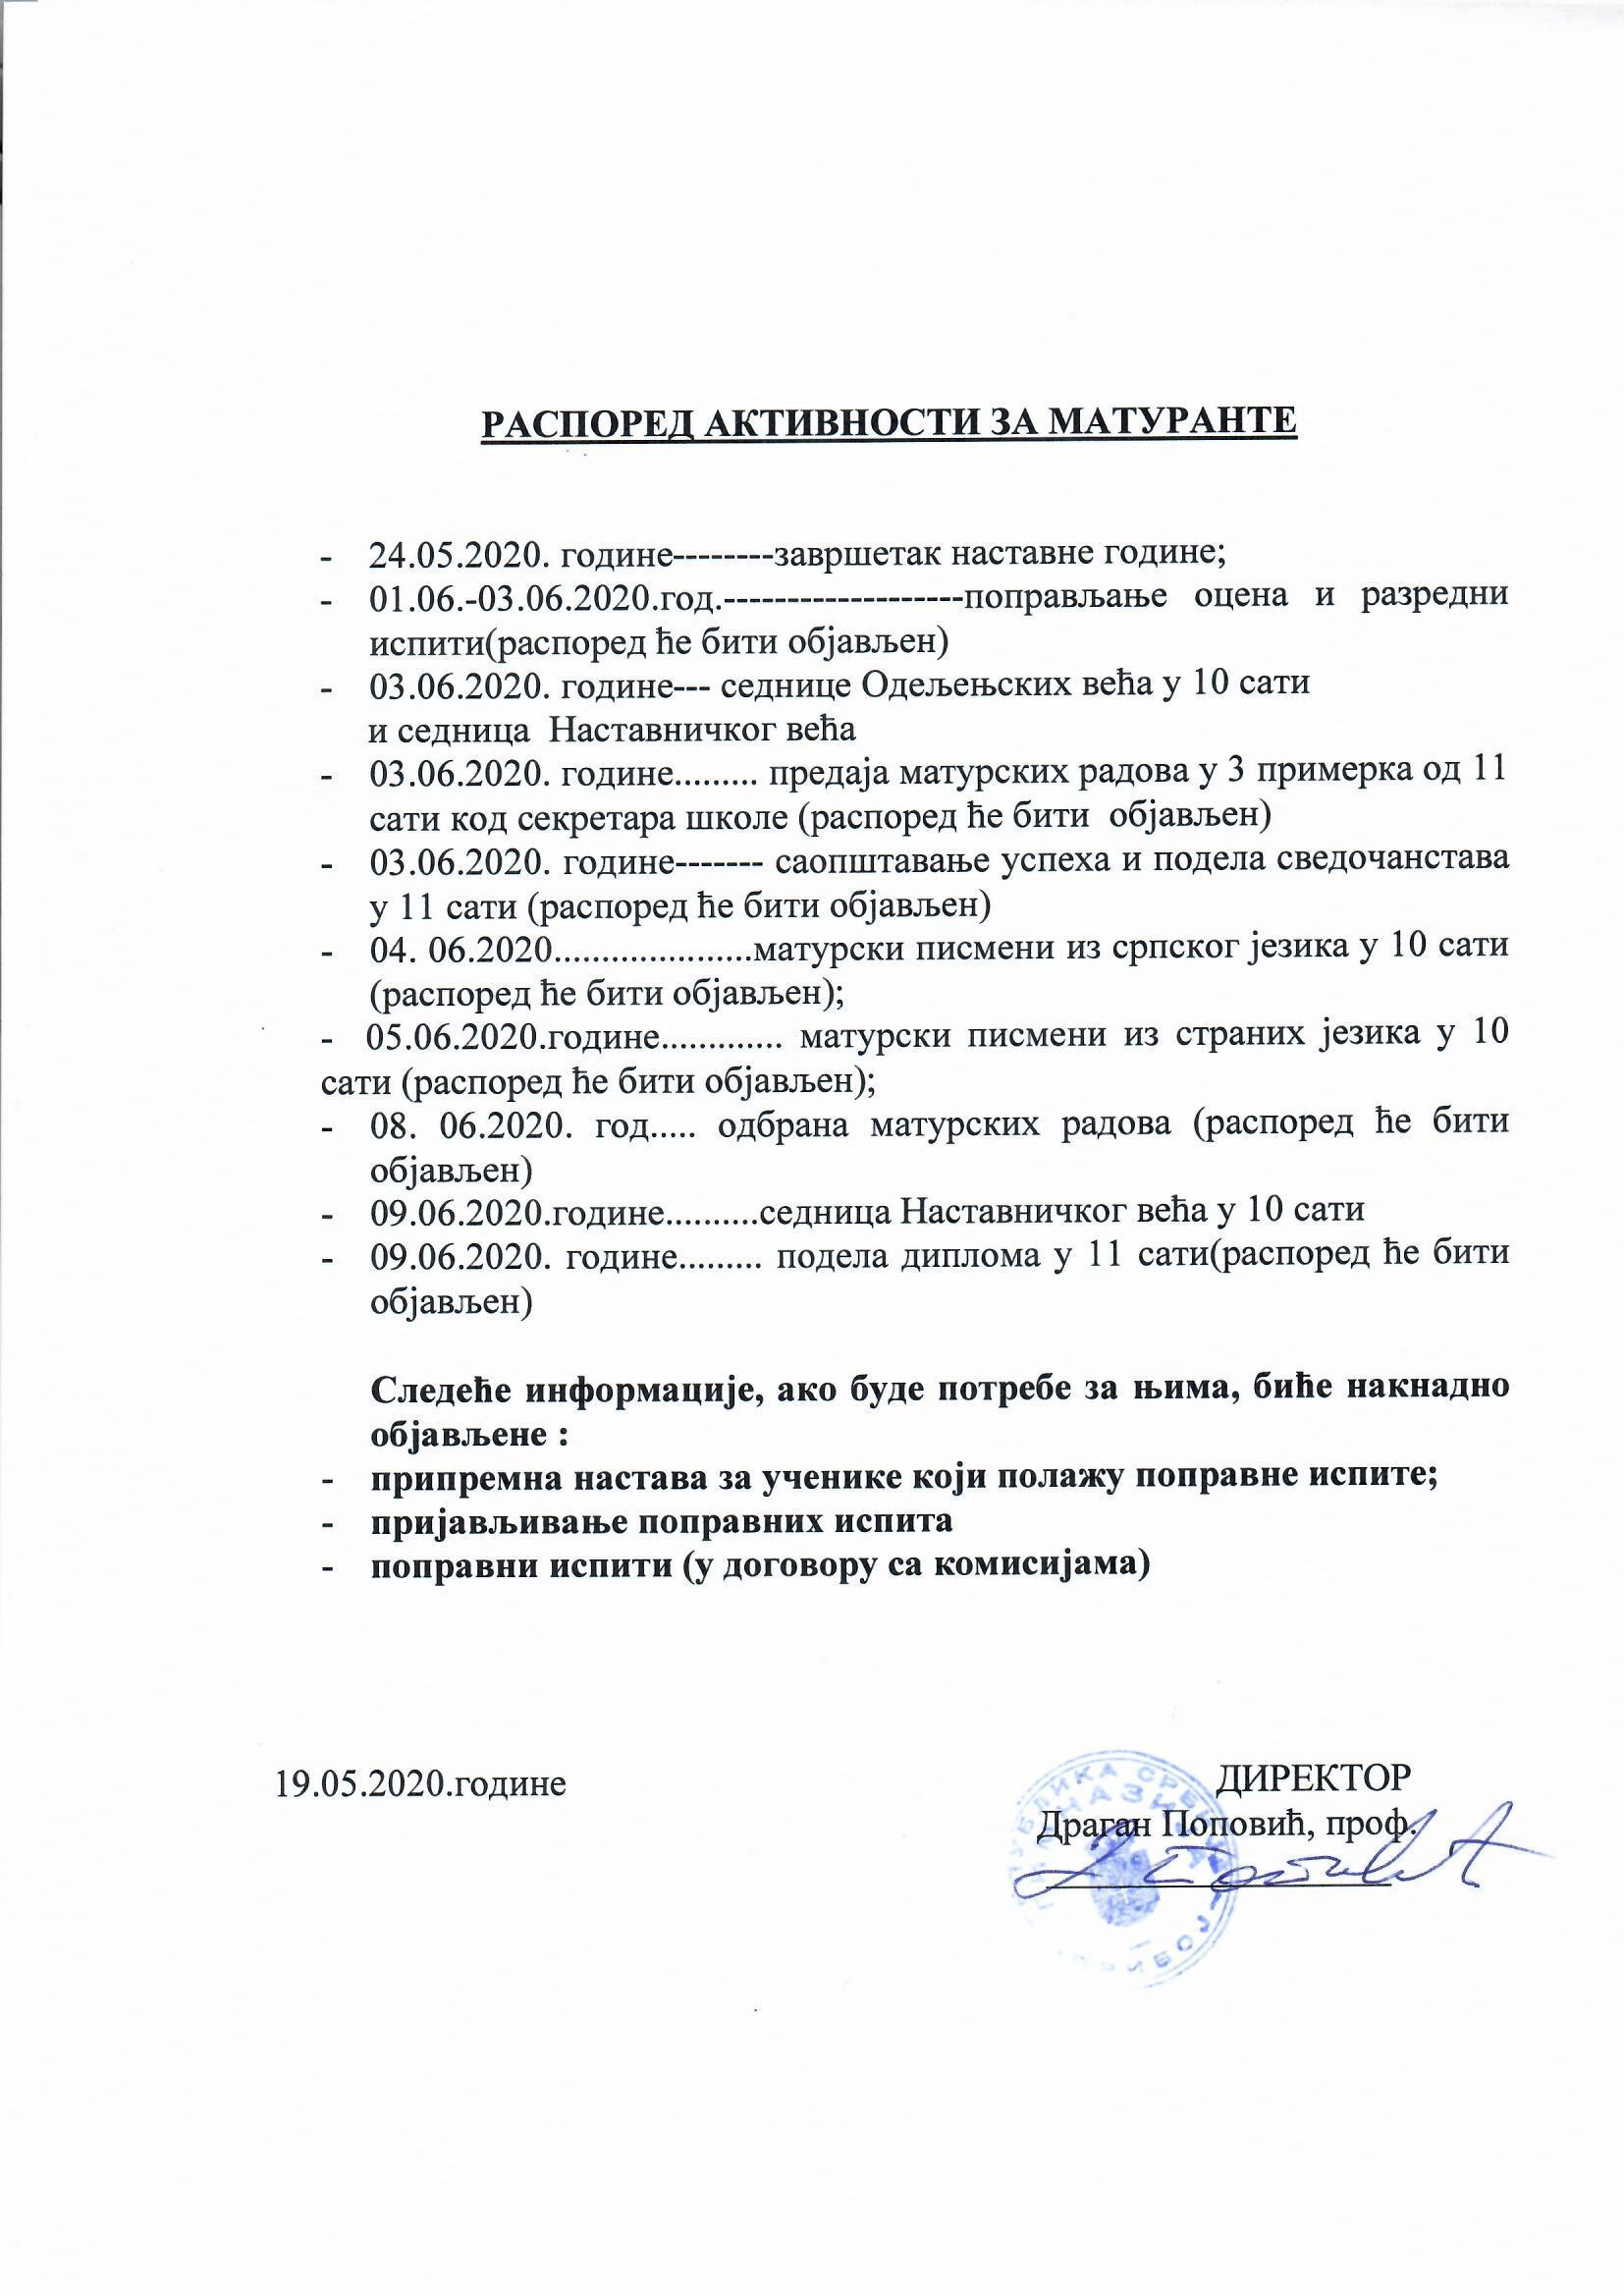 Распоред активности за матуранте